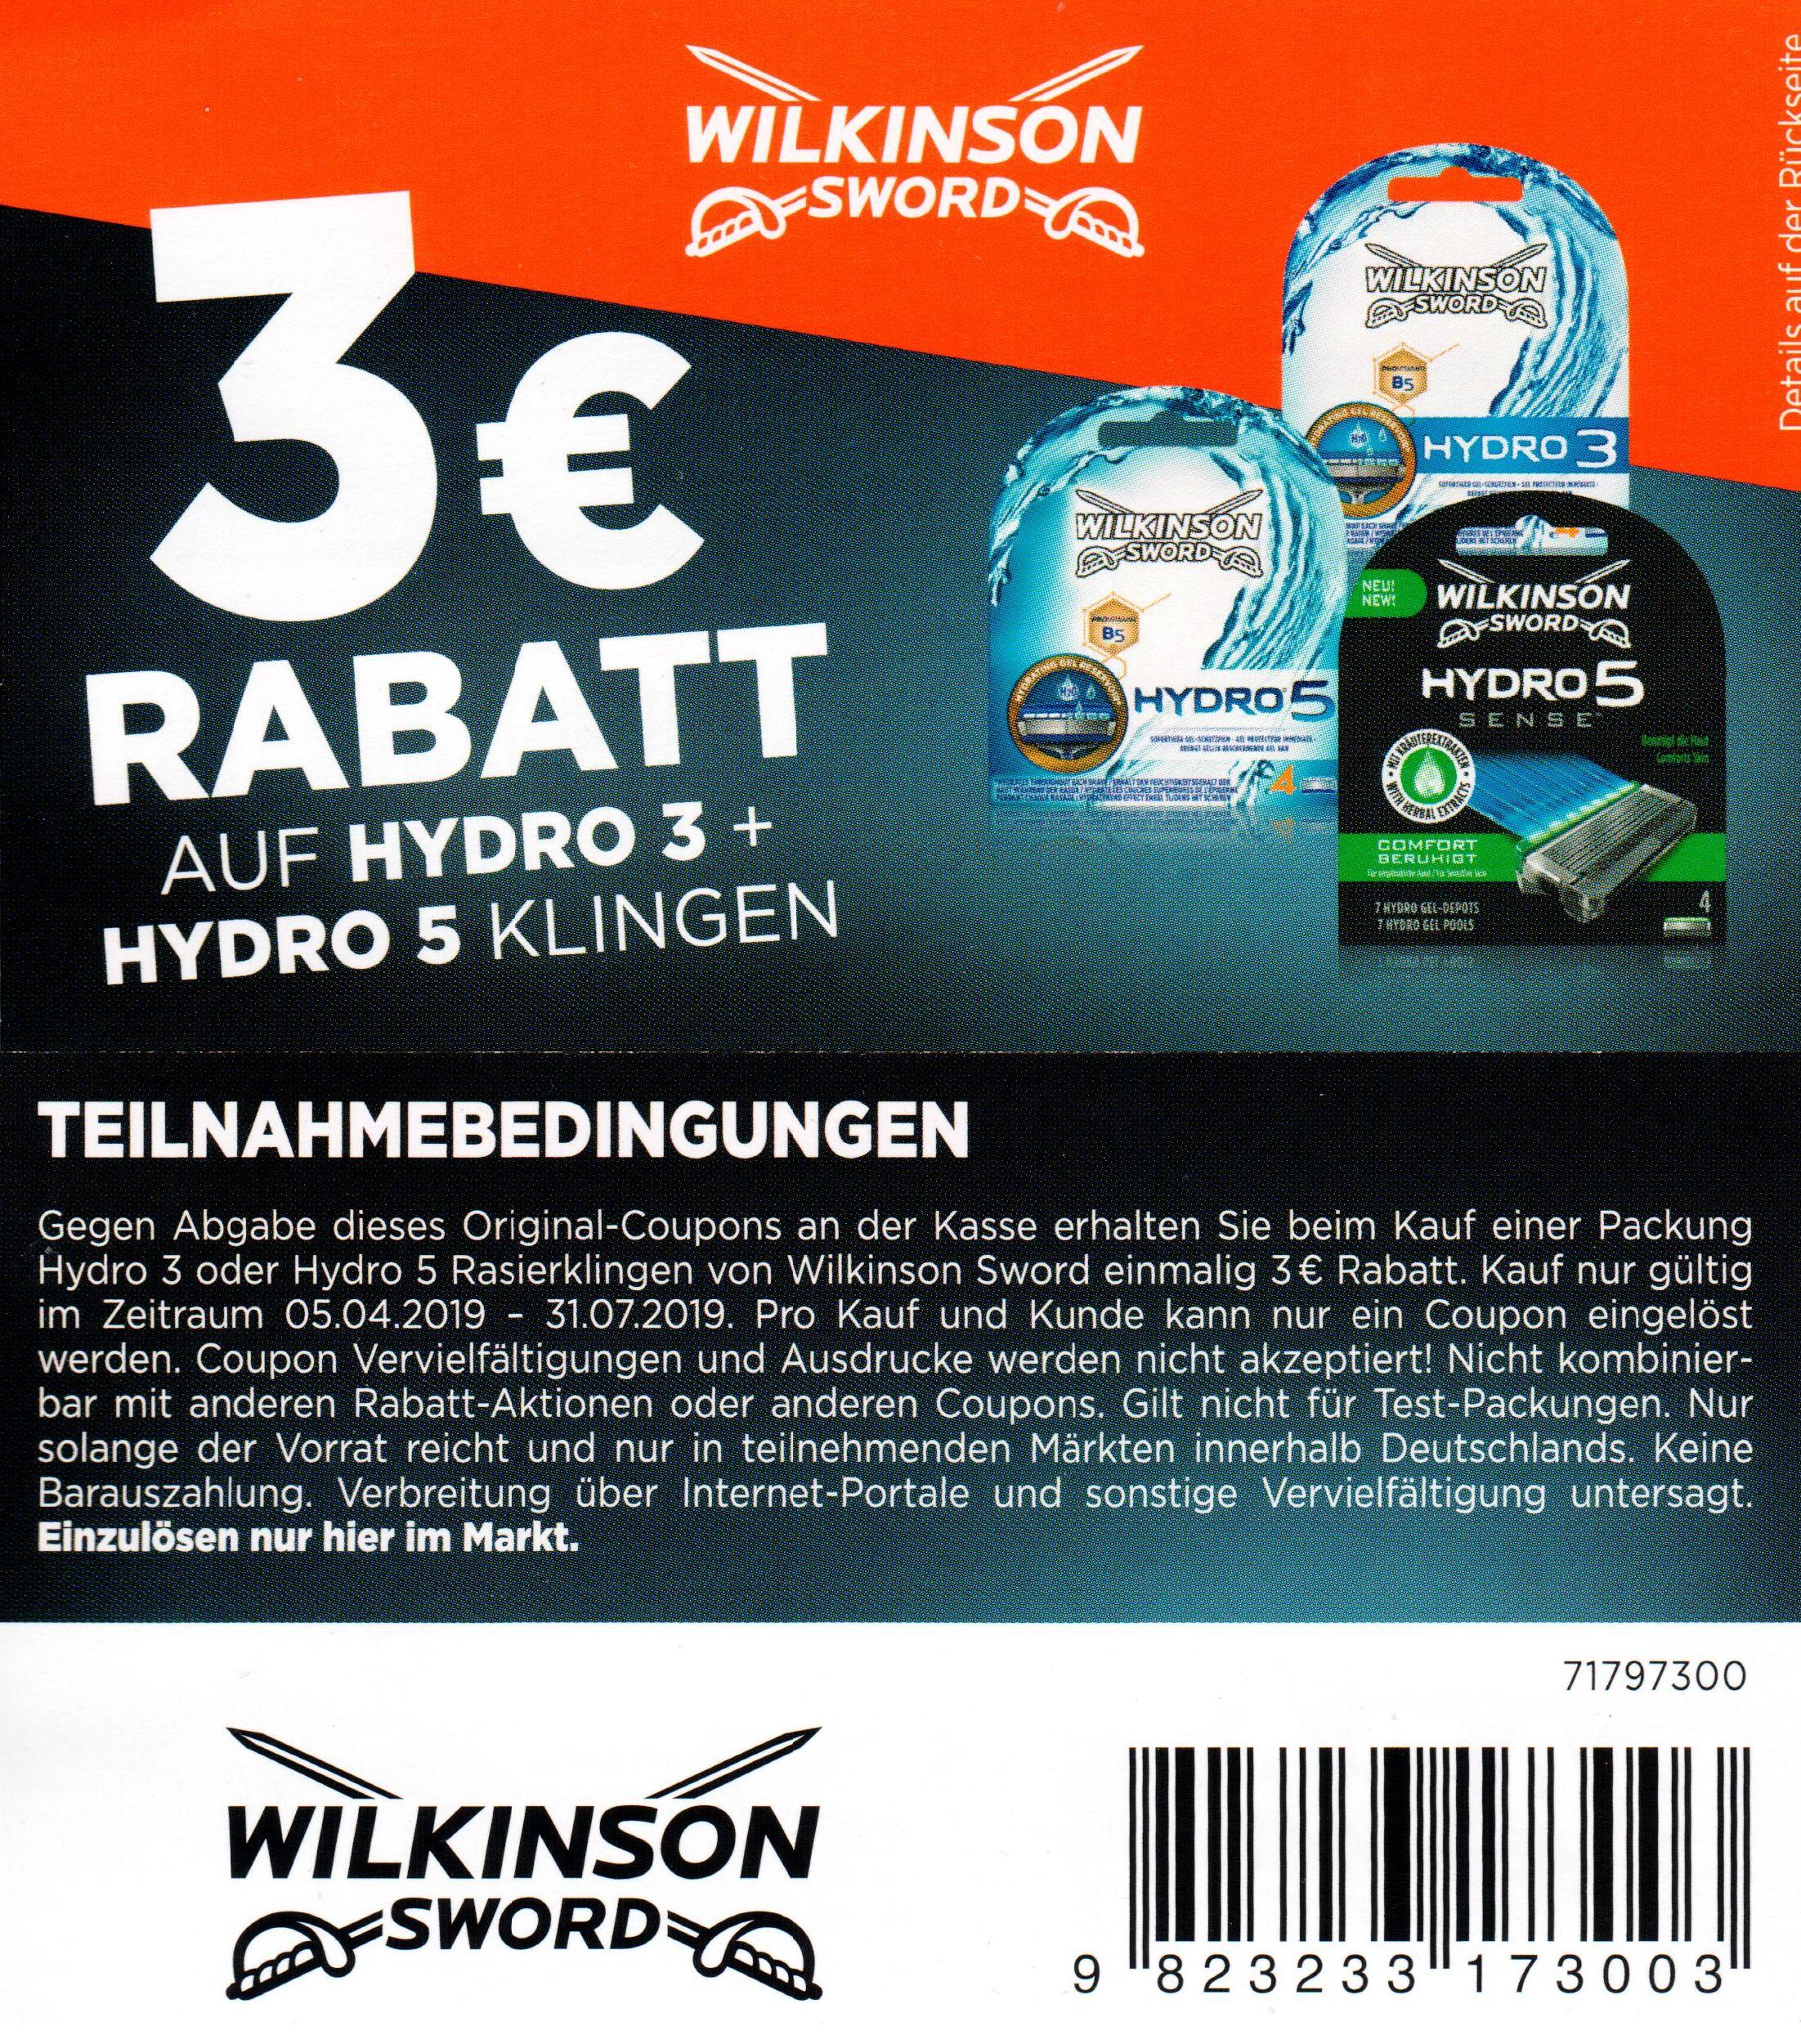 3,00€ Sofort-Rabatt Coupon für den Kauf von Wilkinson Hydro 3 oder Hydro 5 Klingen bis 31.07.2019